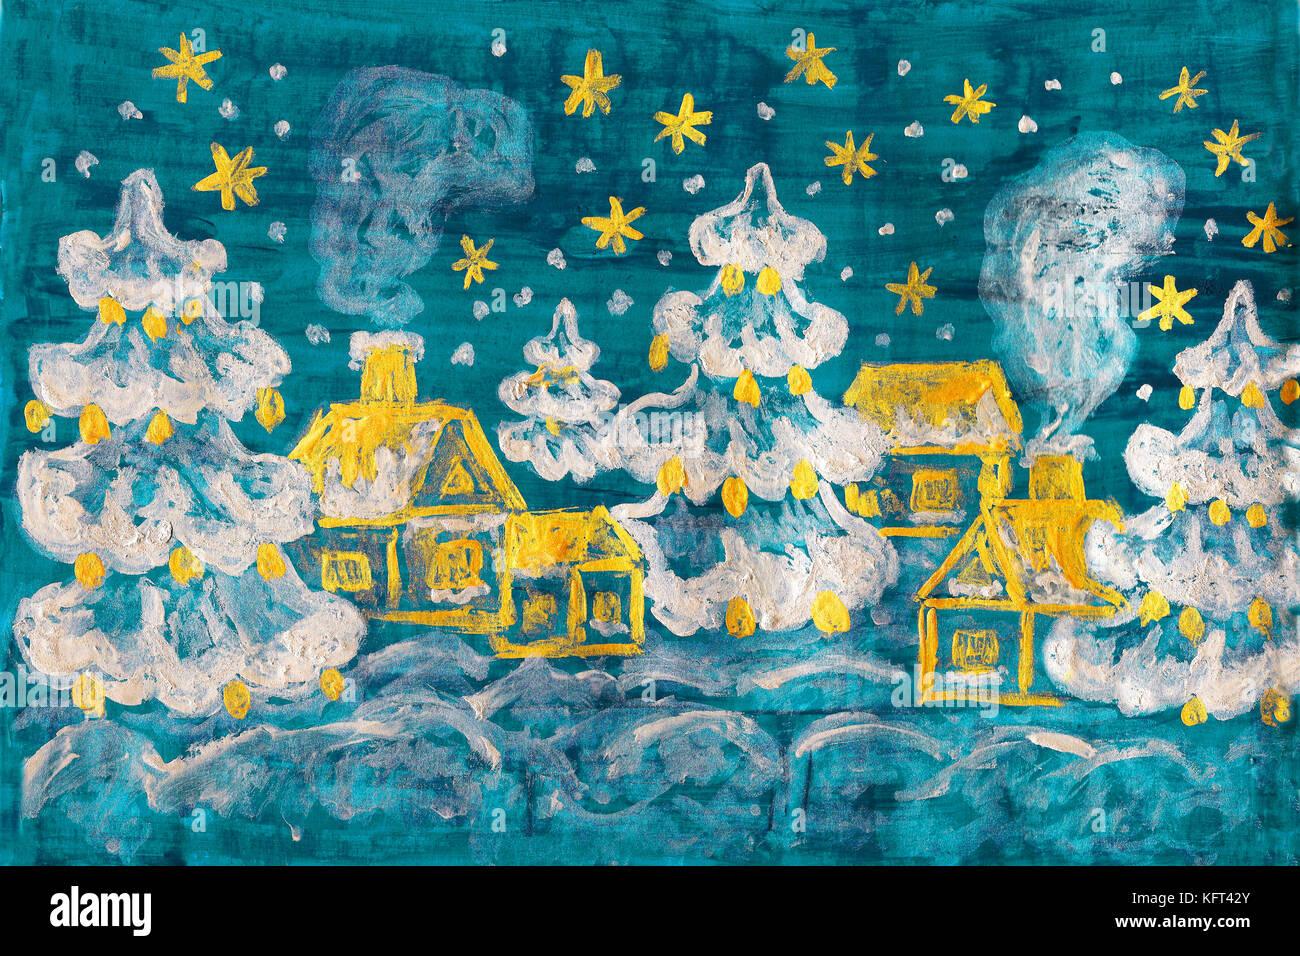 Immagine invernale, pittura Immagini Stock